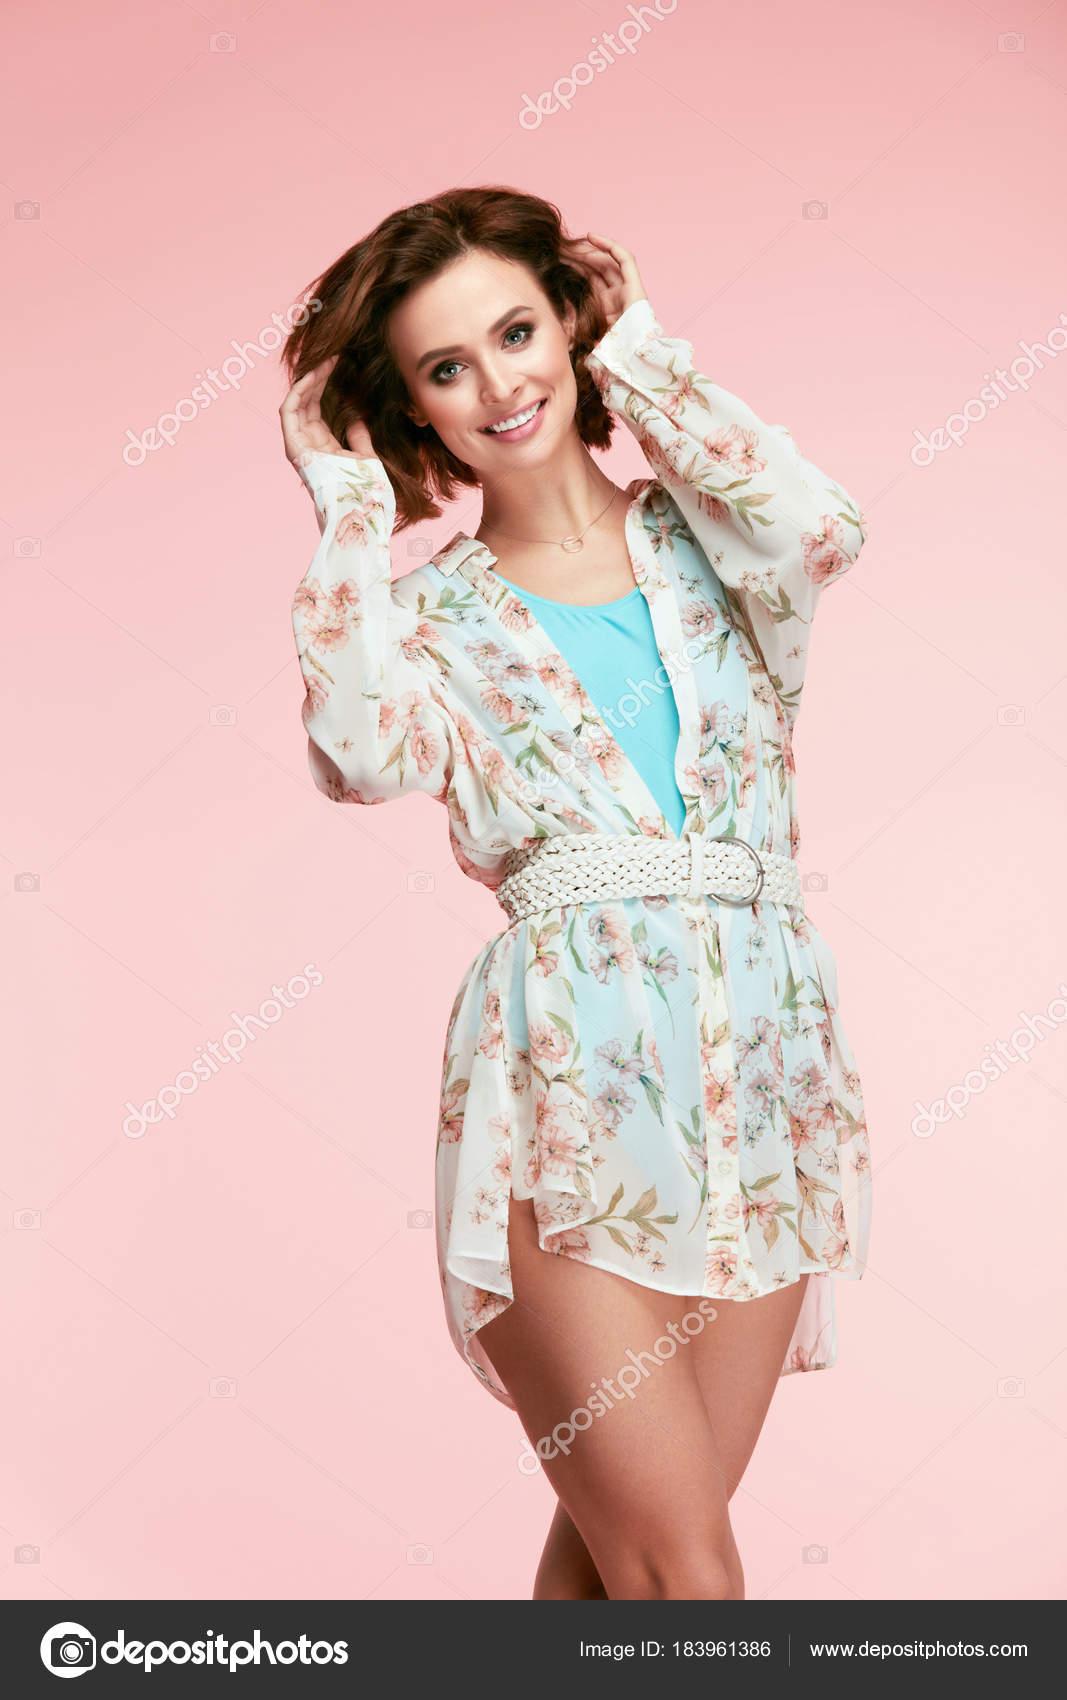 Bella mujer sonriente en ropa de moda primavera con pelo corto y Natural  belleza maquillaje en la cara. Retrato de niña feliz en vestido de flores  sobre ... d8c9a0d3a1b